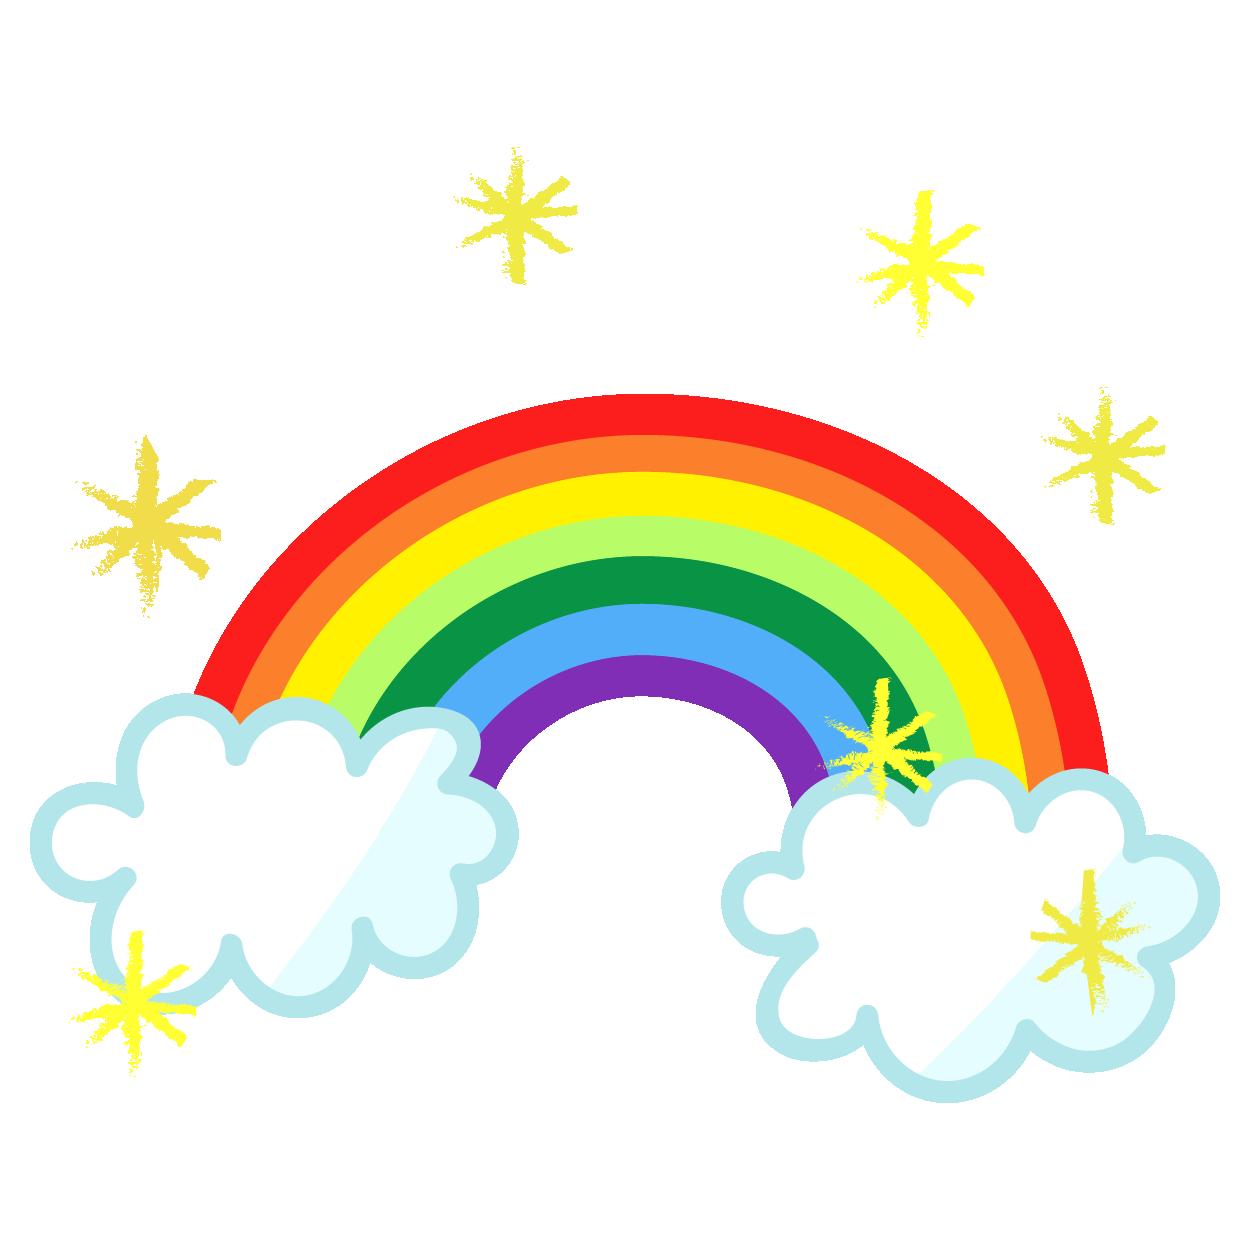 かわいい虹(にじ・レインボー)のイラスト! | 商用フリー(無料)の